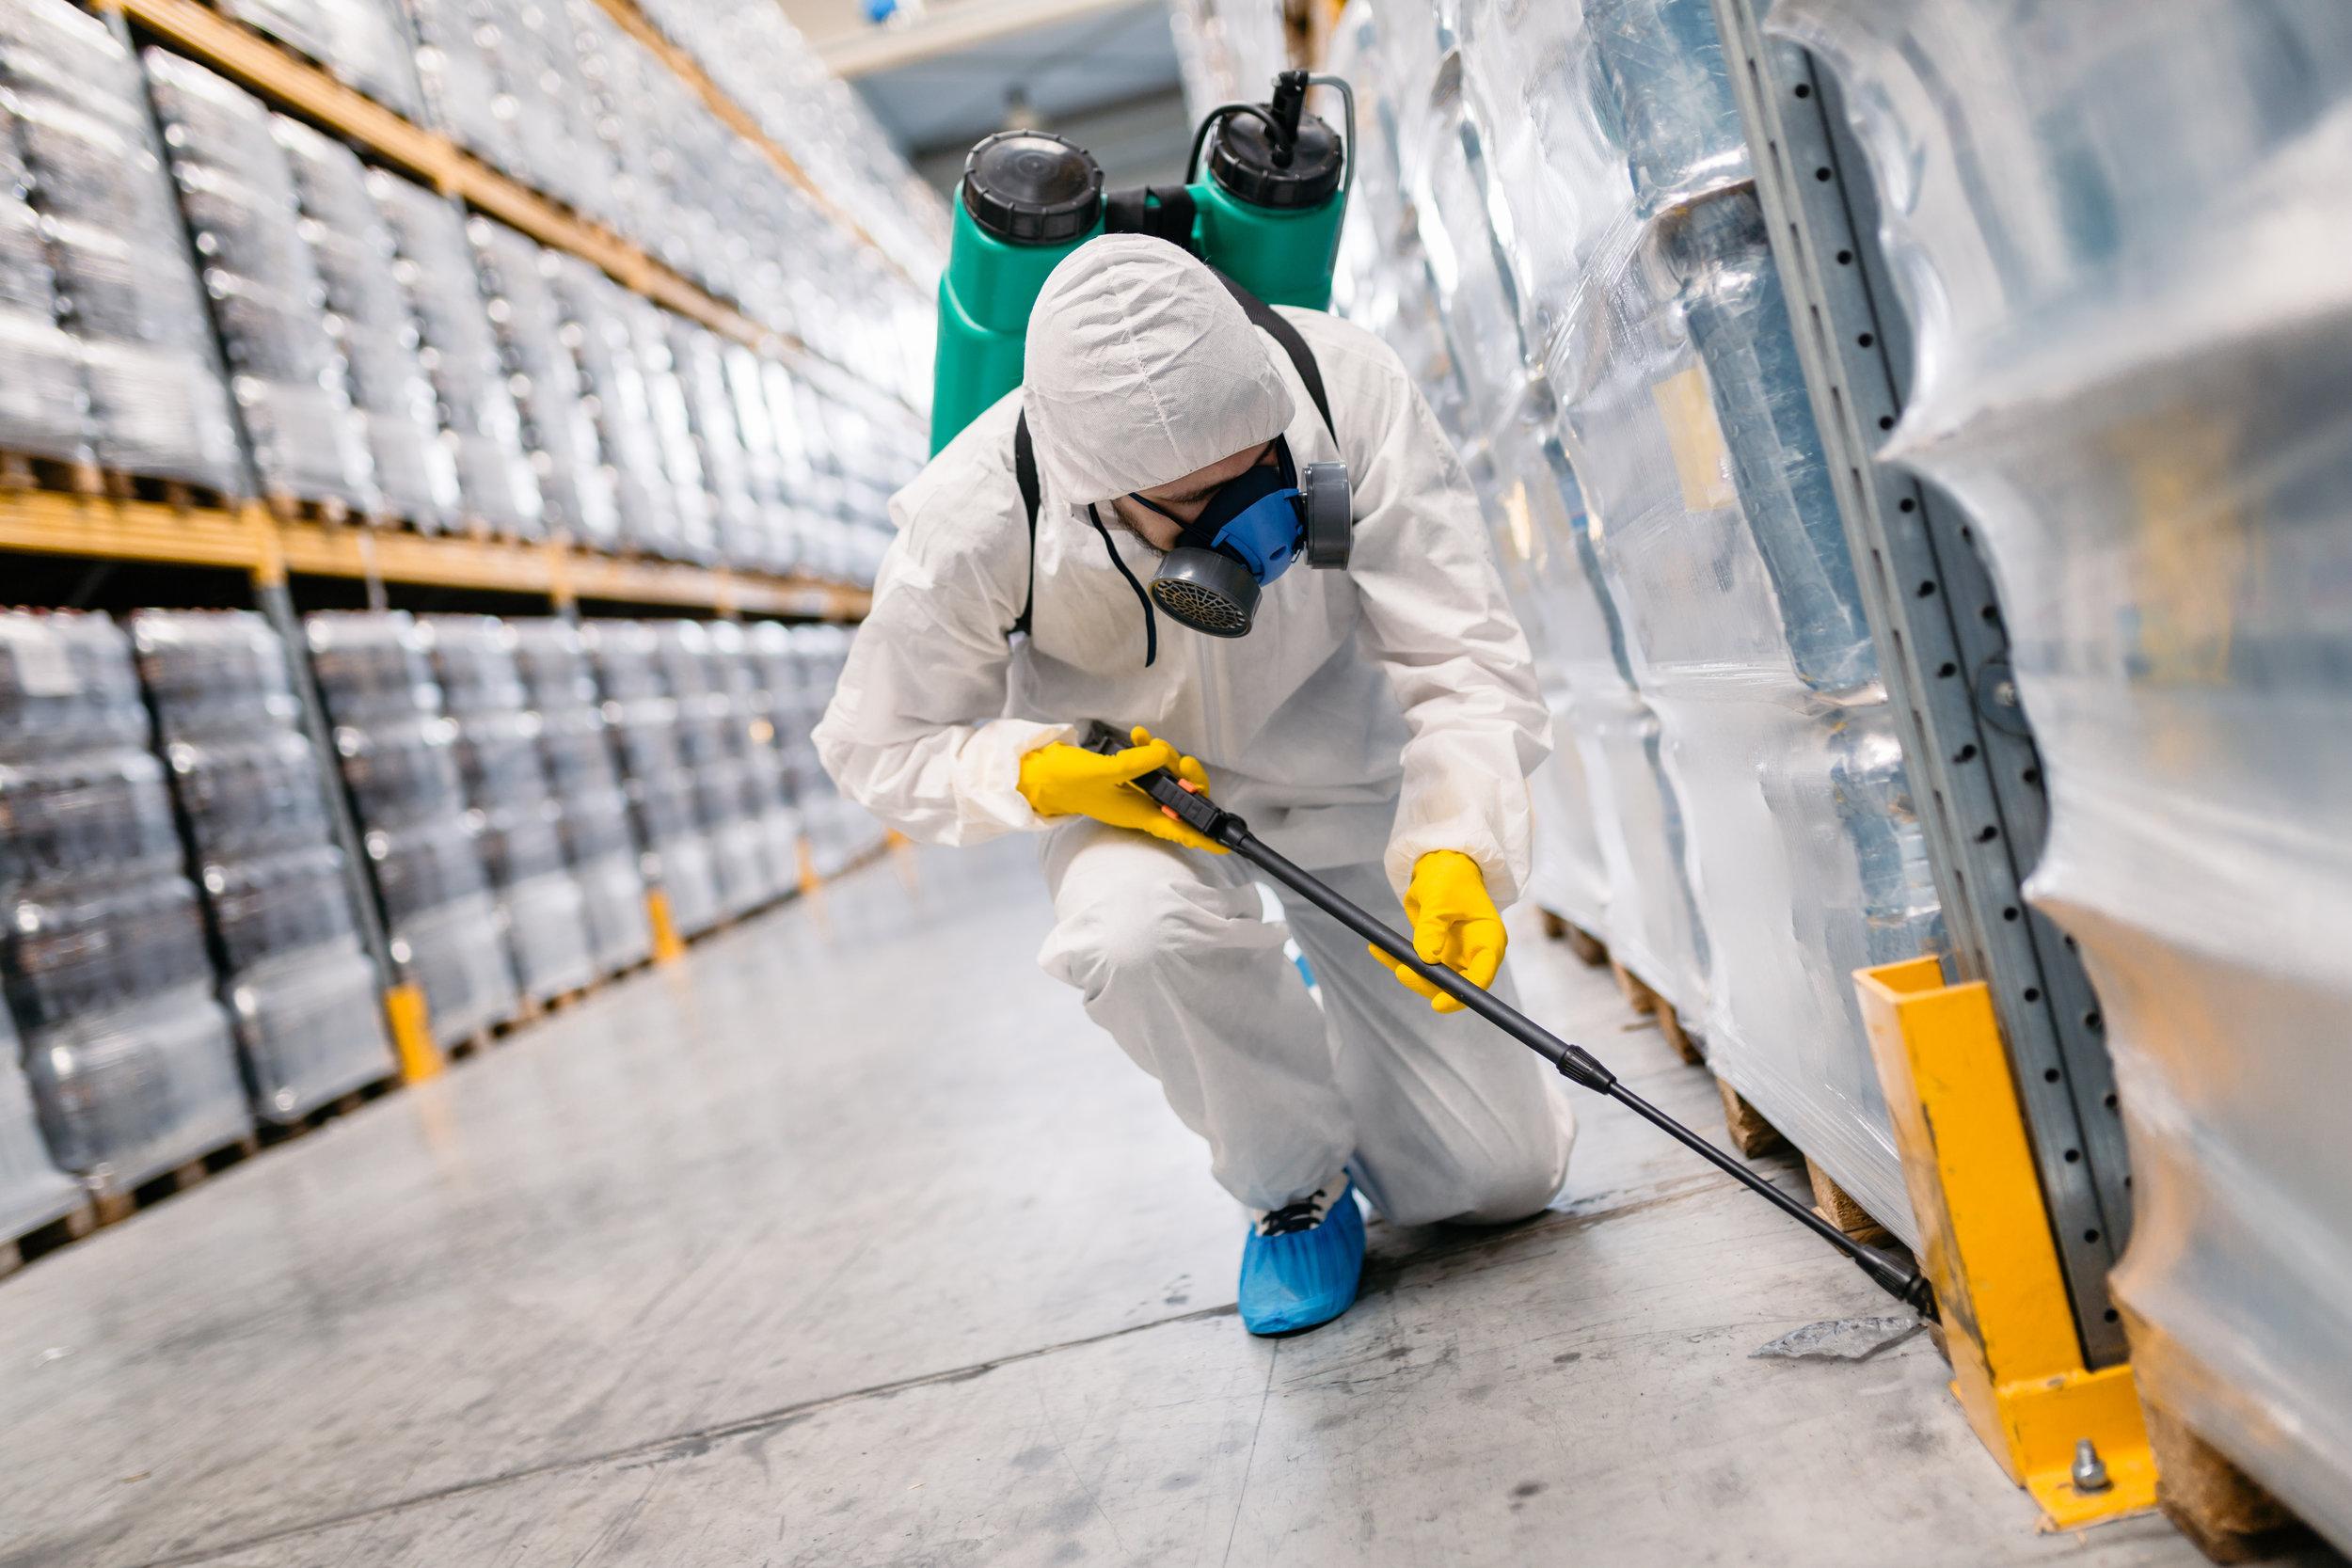 Fisco: provvedimento attuativo delle Entrate credito imposta sanificazione e acquisto dispositivi protezione